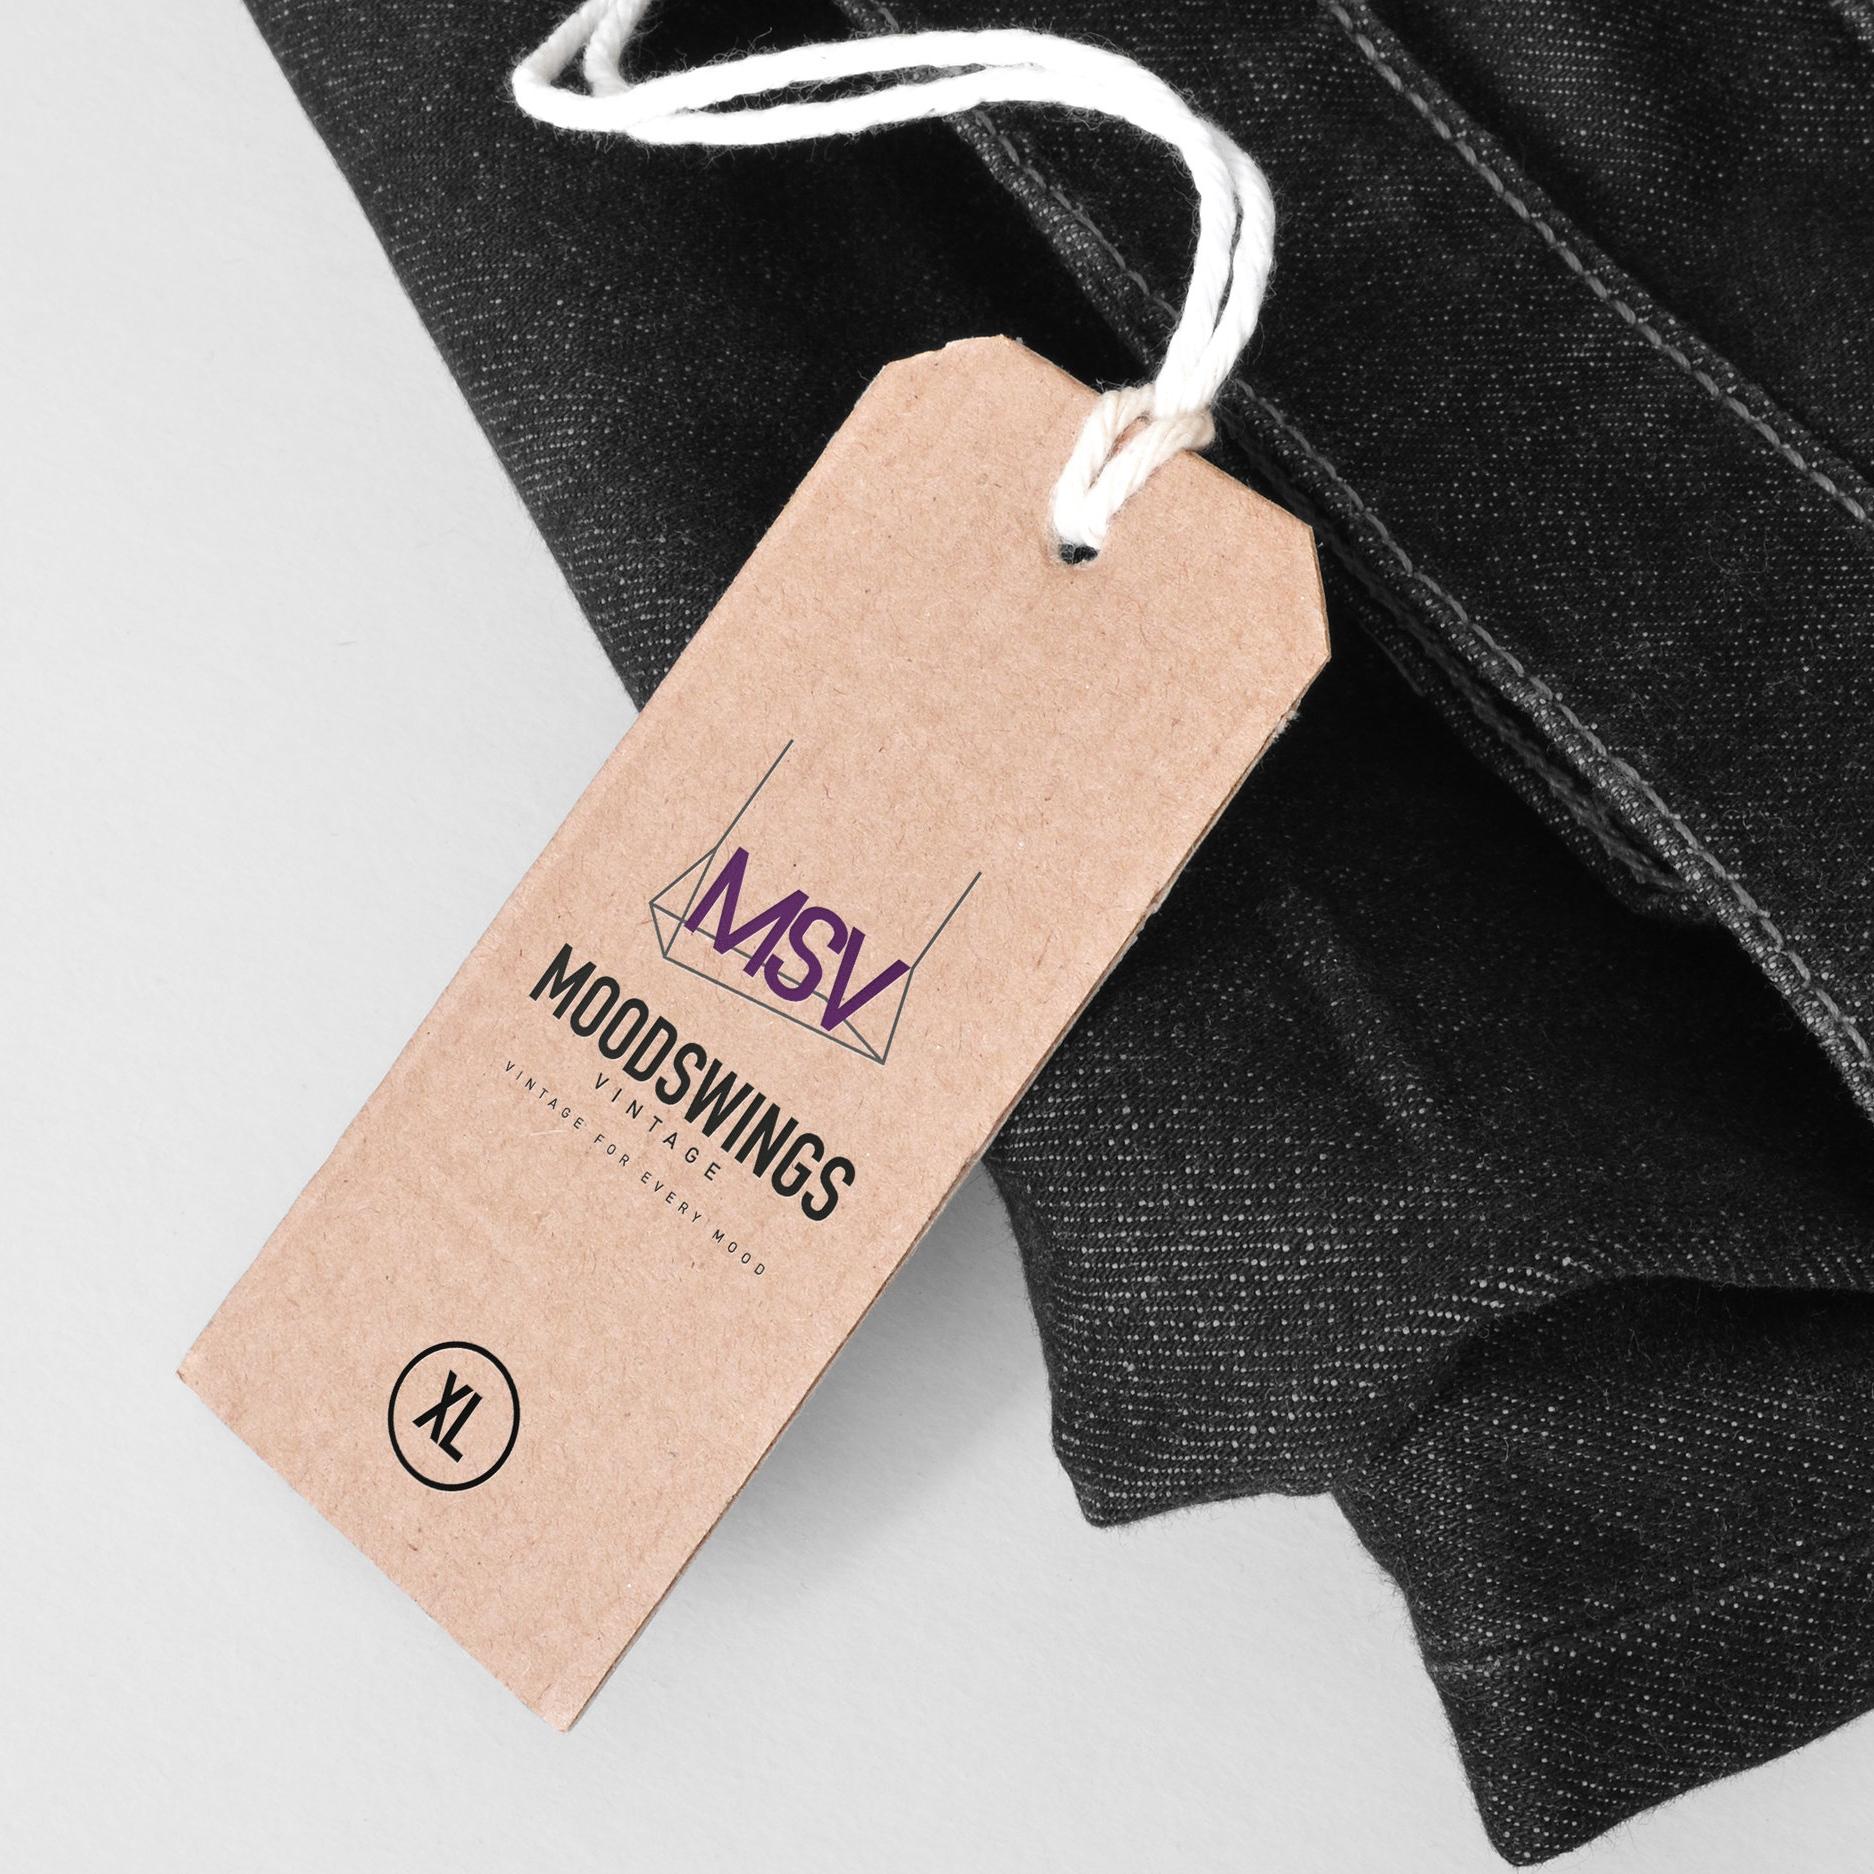 MSV_Label.jpg